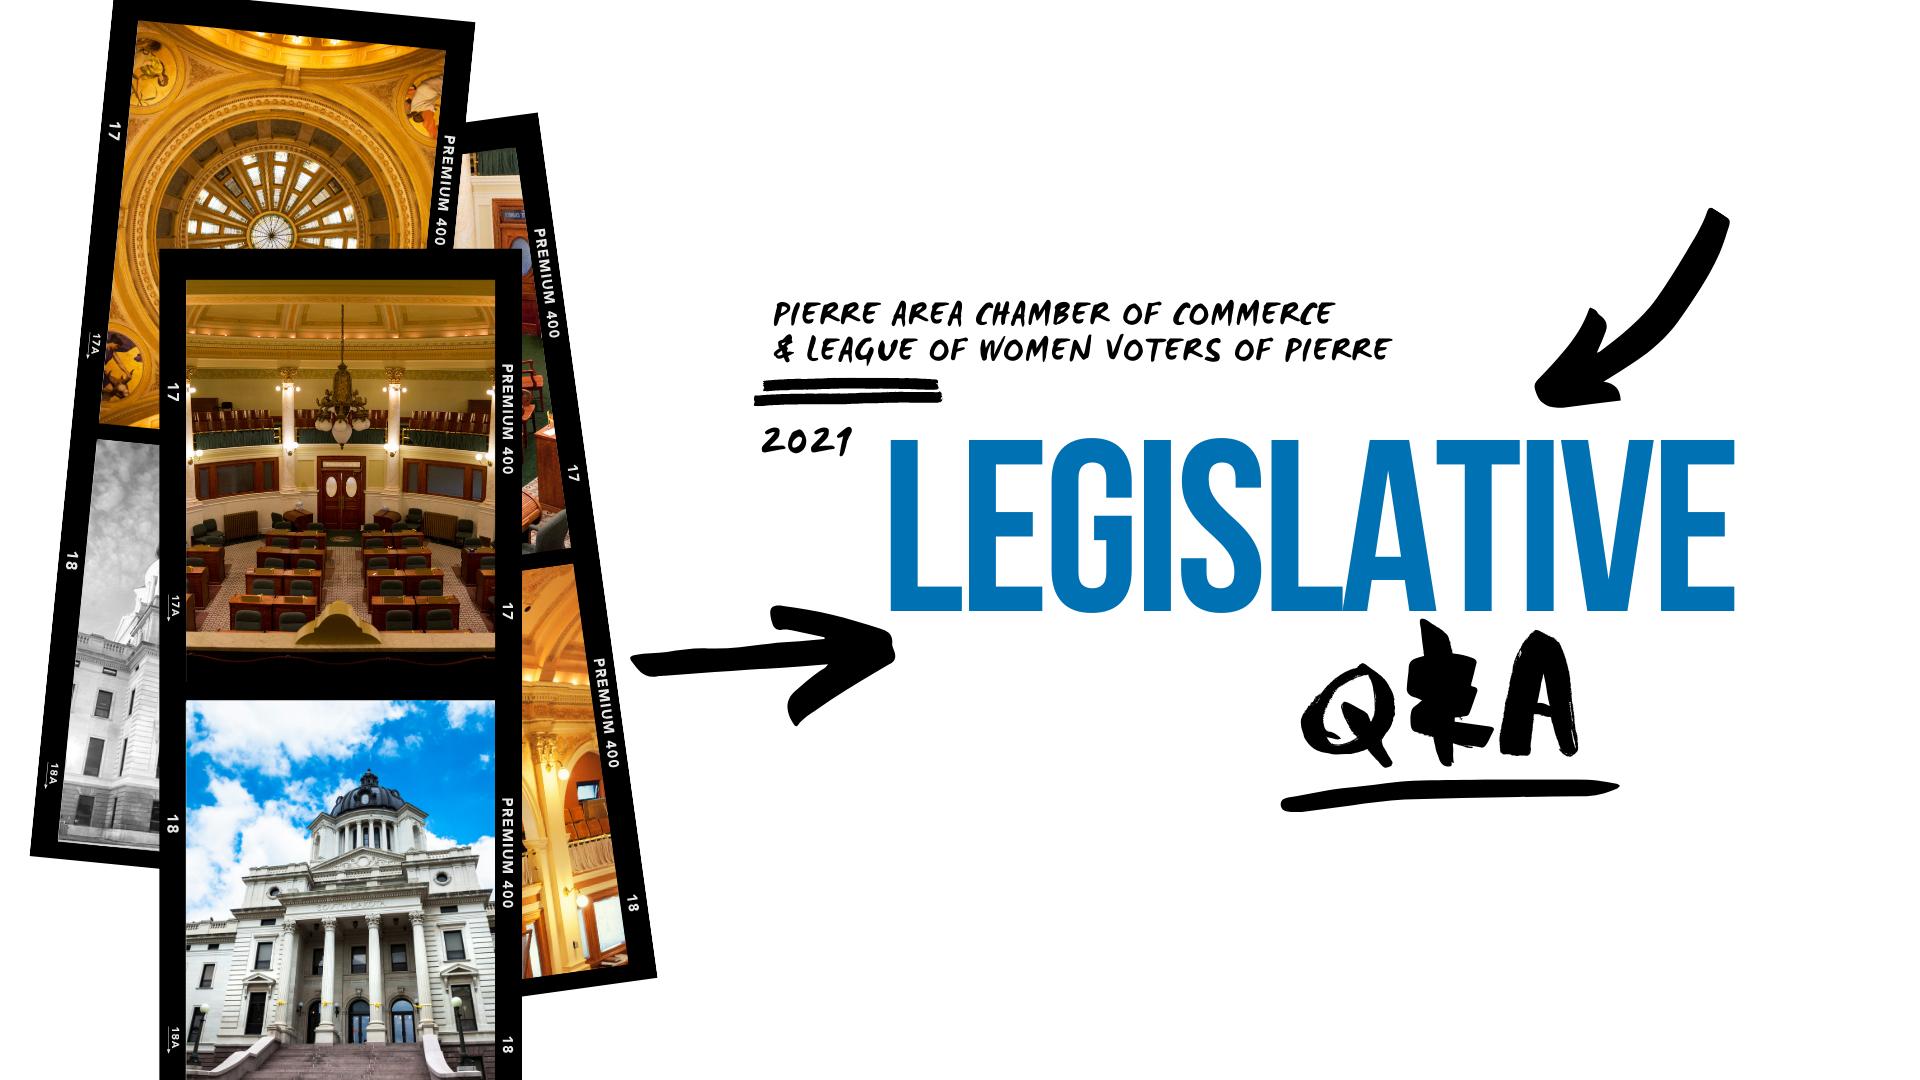 Image for Legislative Q&A Part 2